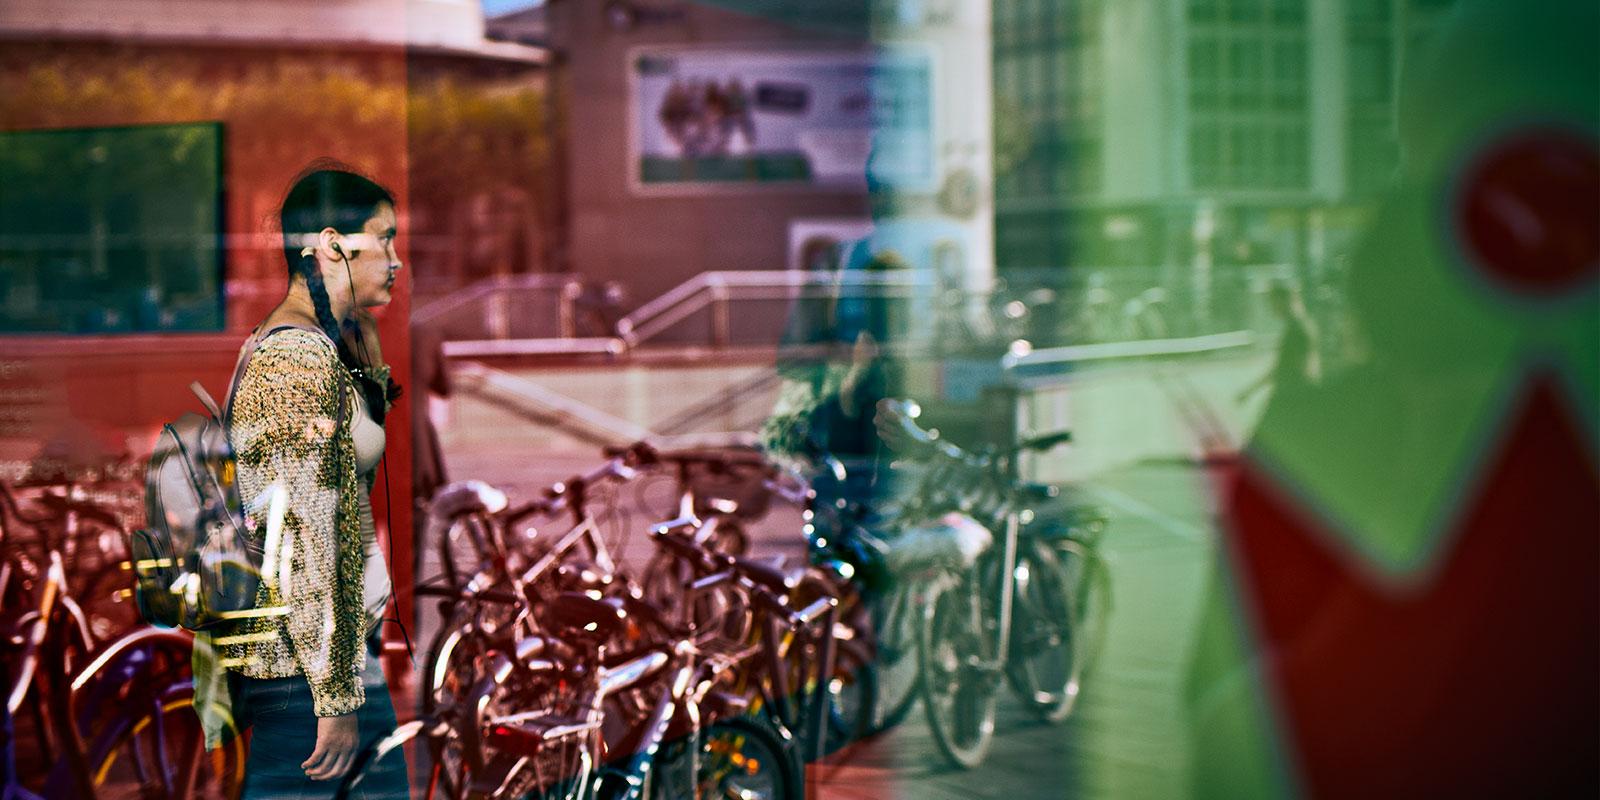 Fotograf Schwerin Ausstellungsraum